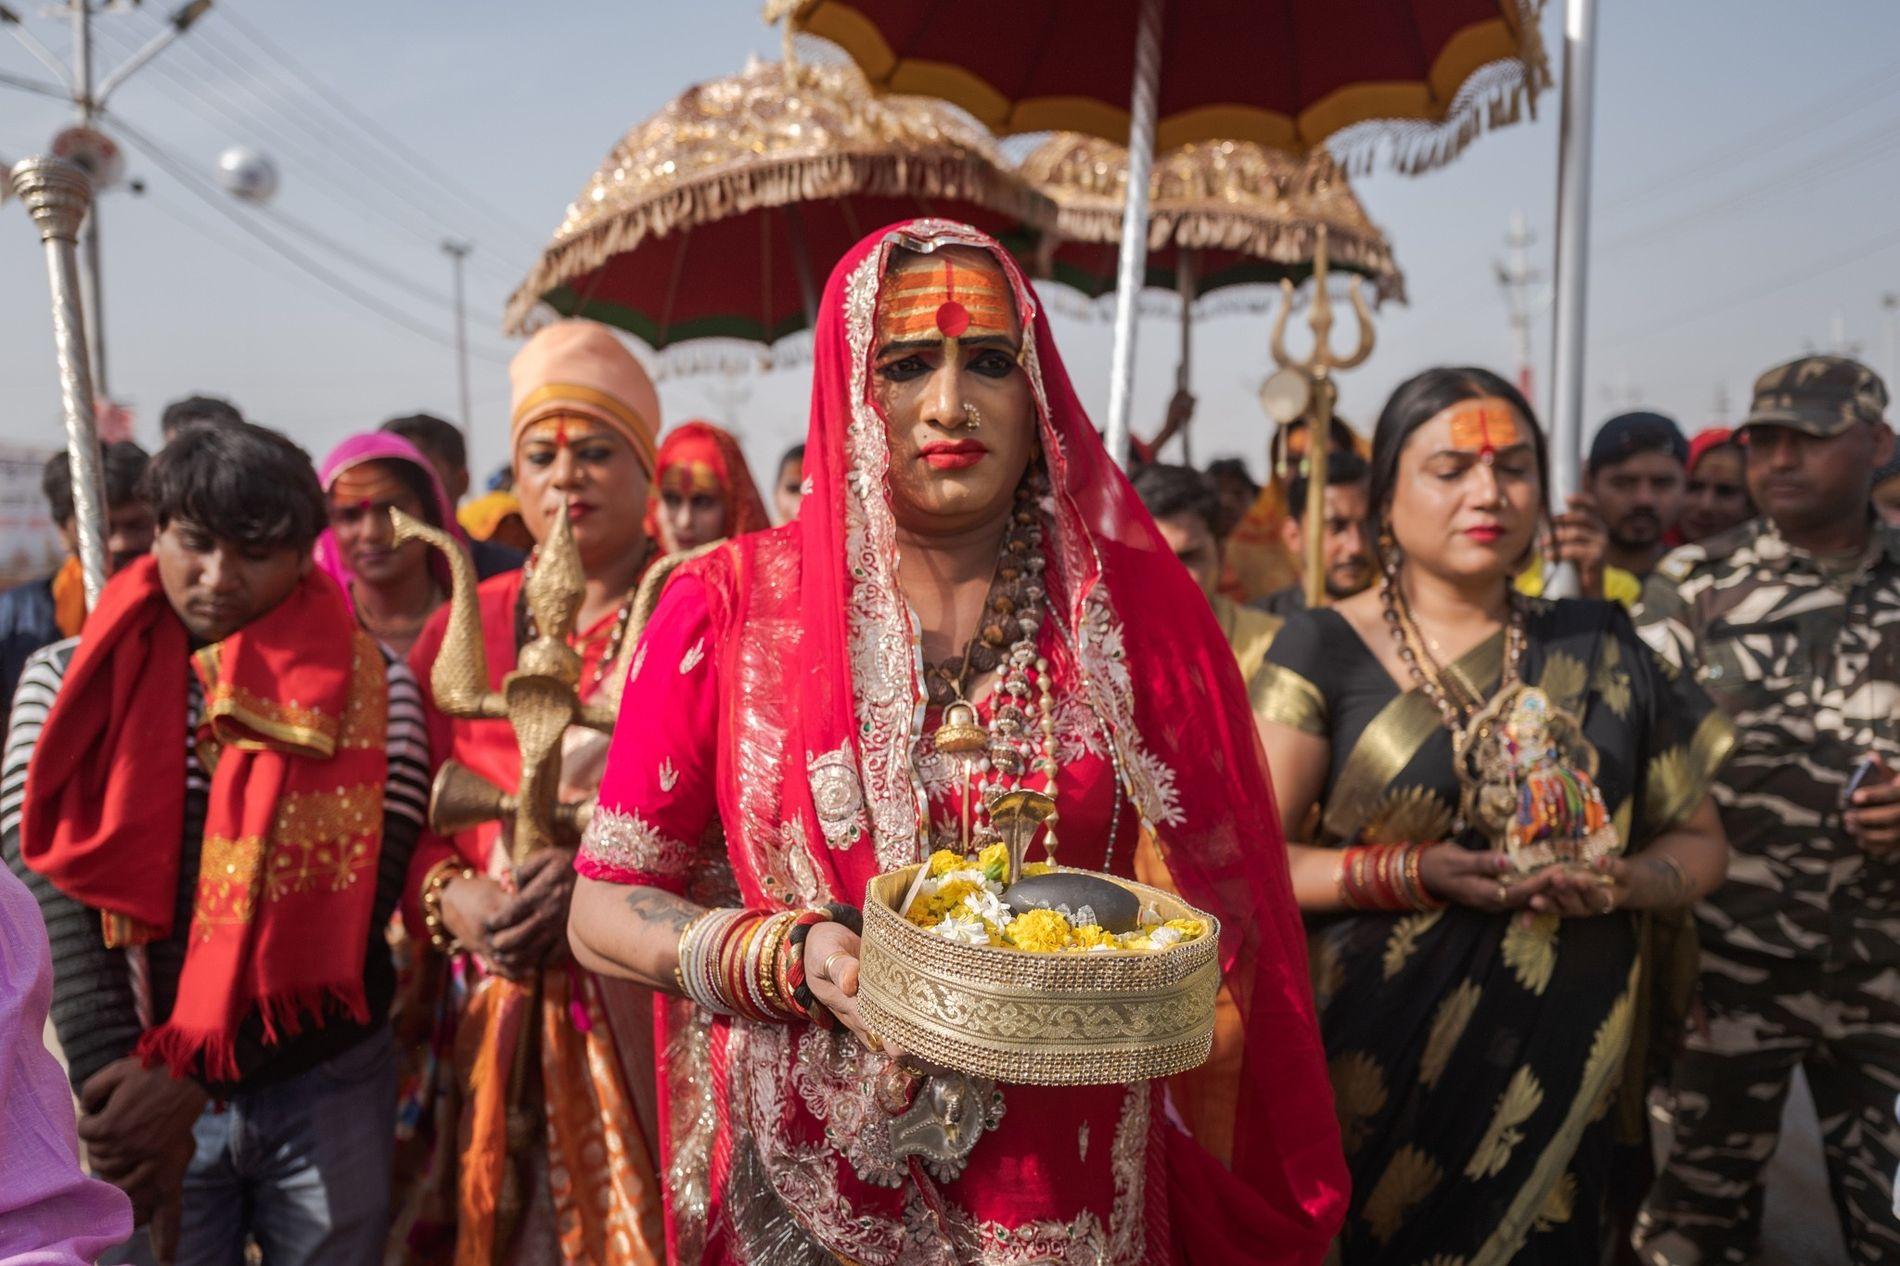 A ativista transgênero Laxmi Narayan Tripathi lidera uma procissão religiosa durante o Ardh Kumbh Mela de ...